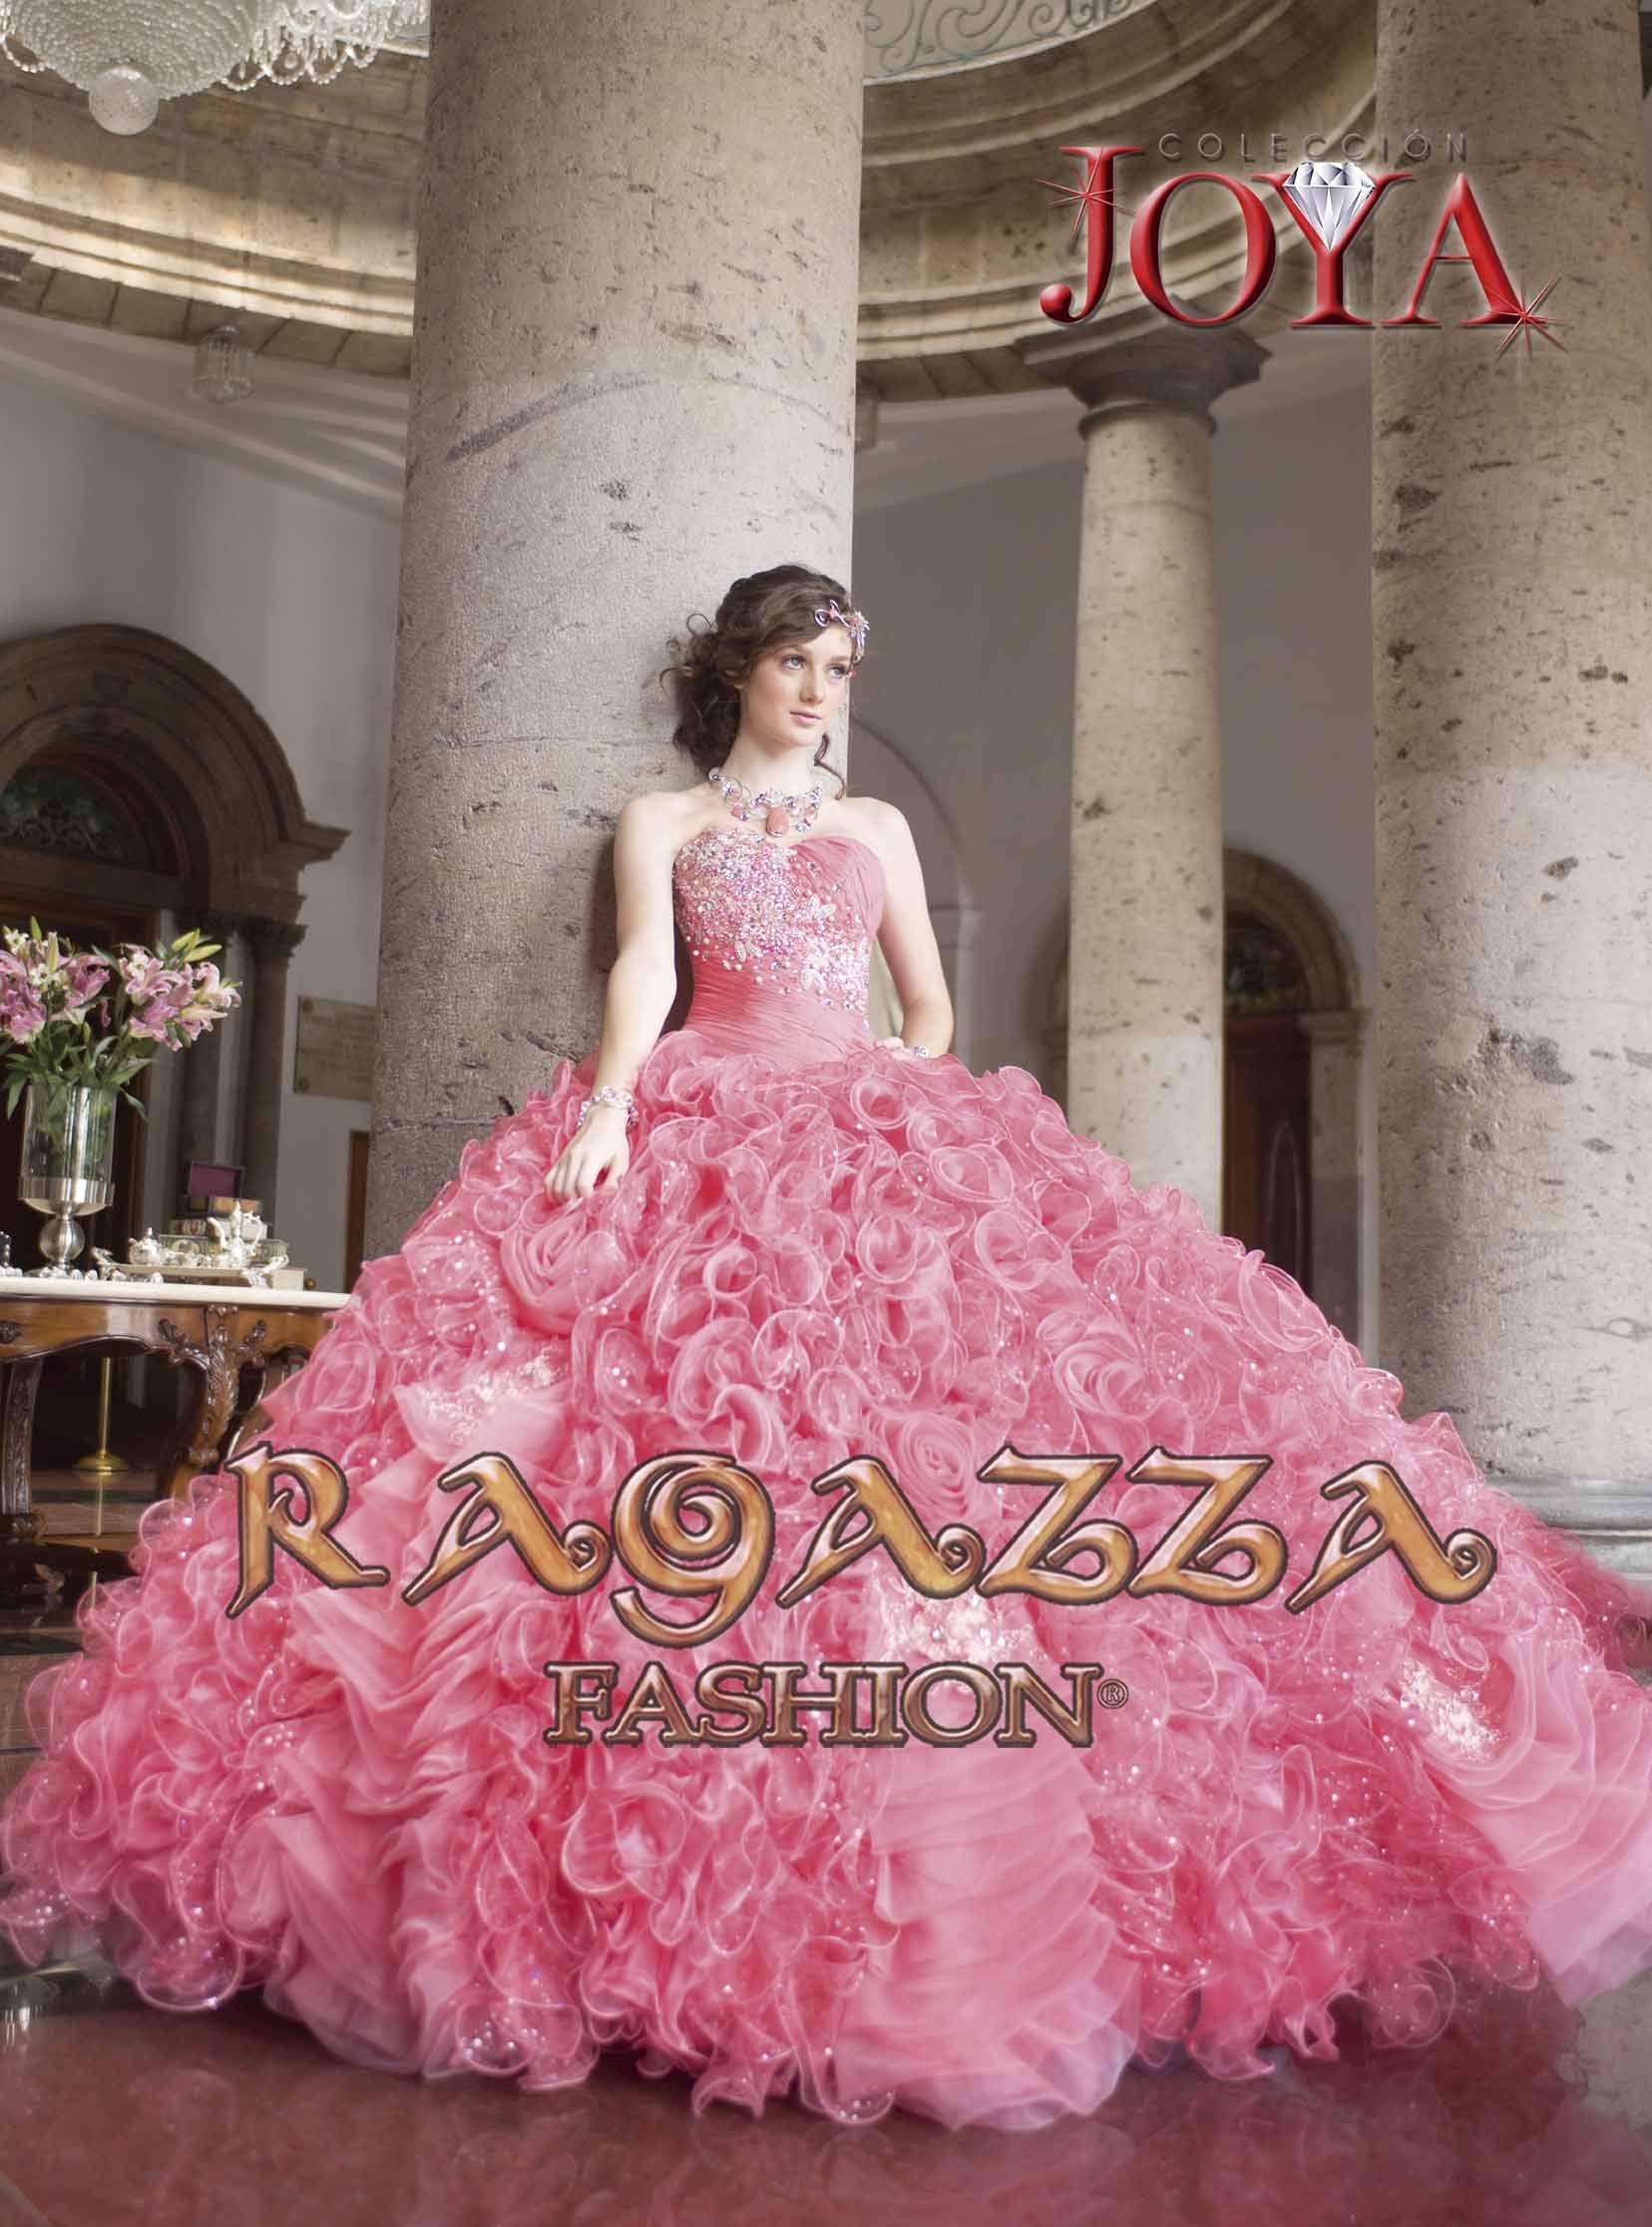 Ragazza Fashion | ragazza | Pinterest | vestidos XV, Las frutas y ...